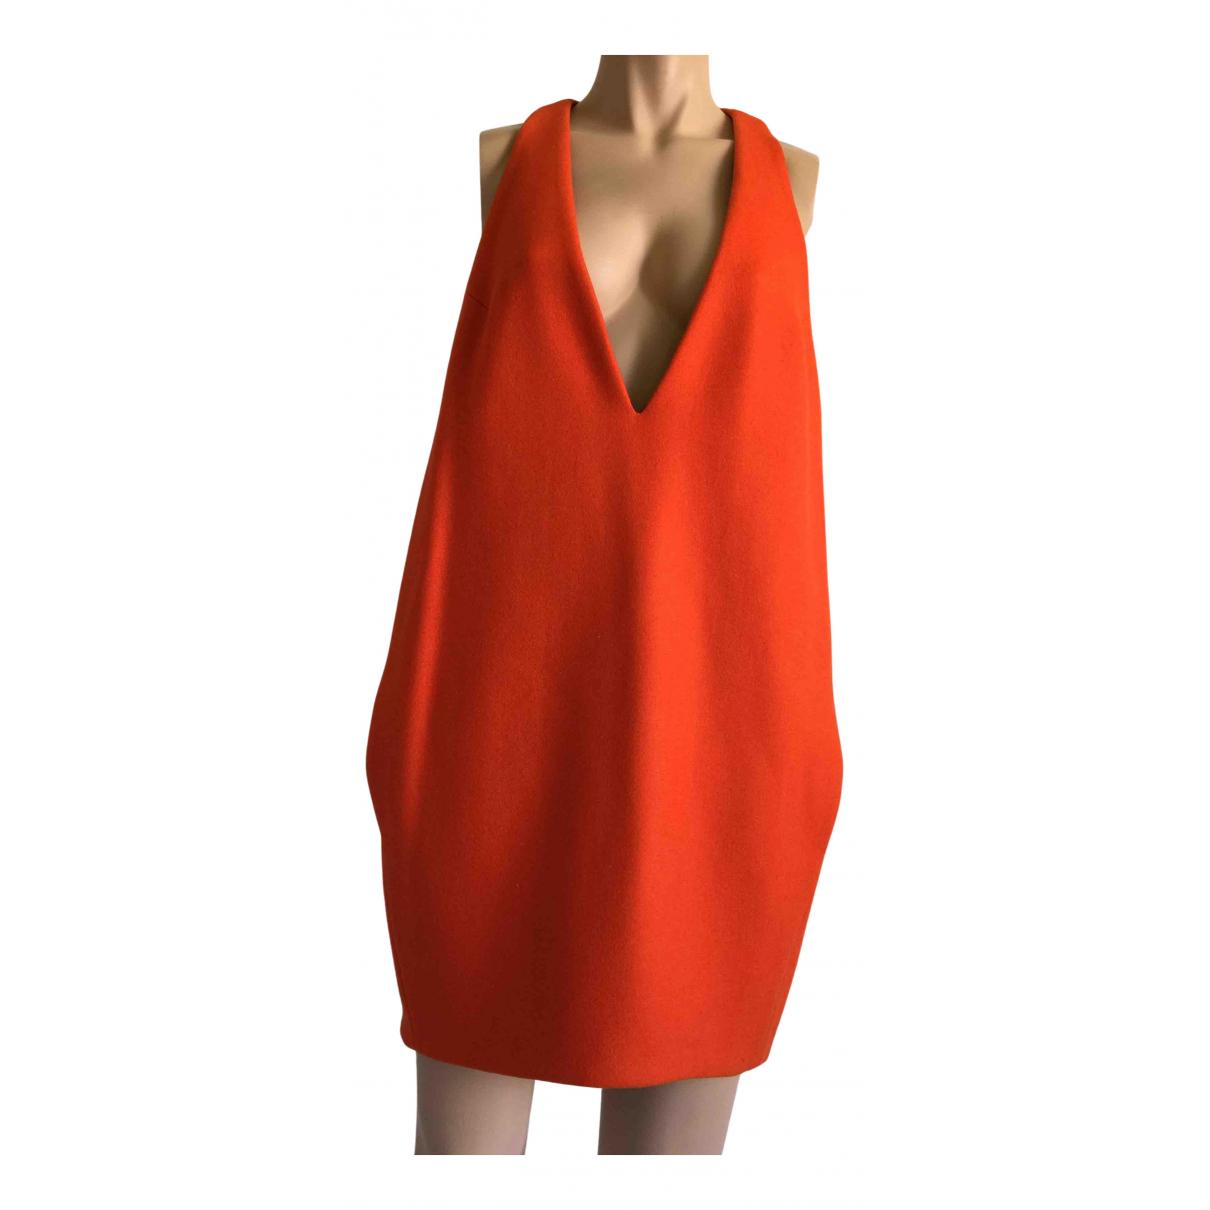 D&g \N Kleid in  Orange Wolle